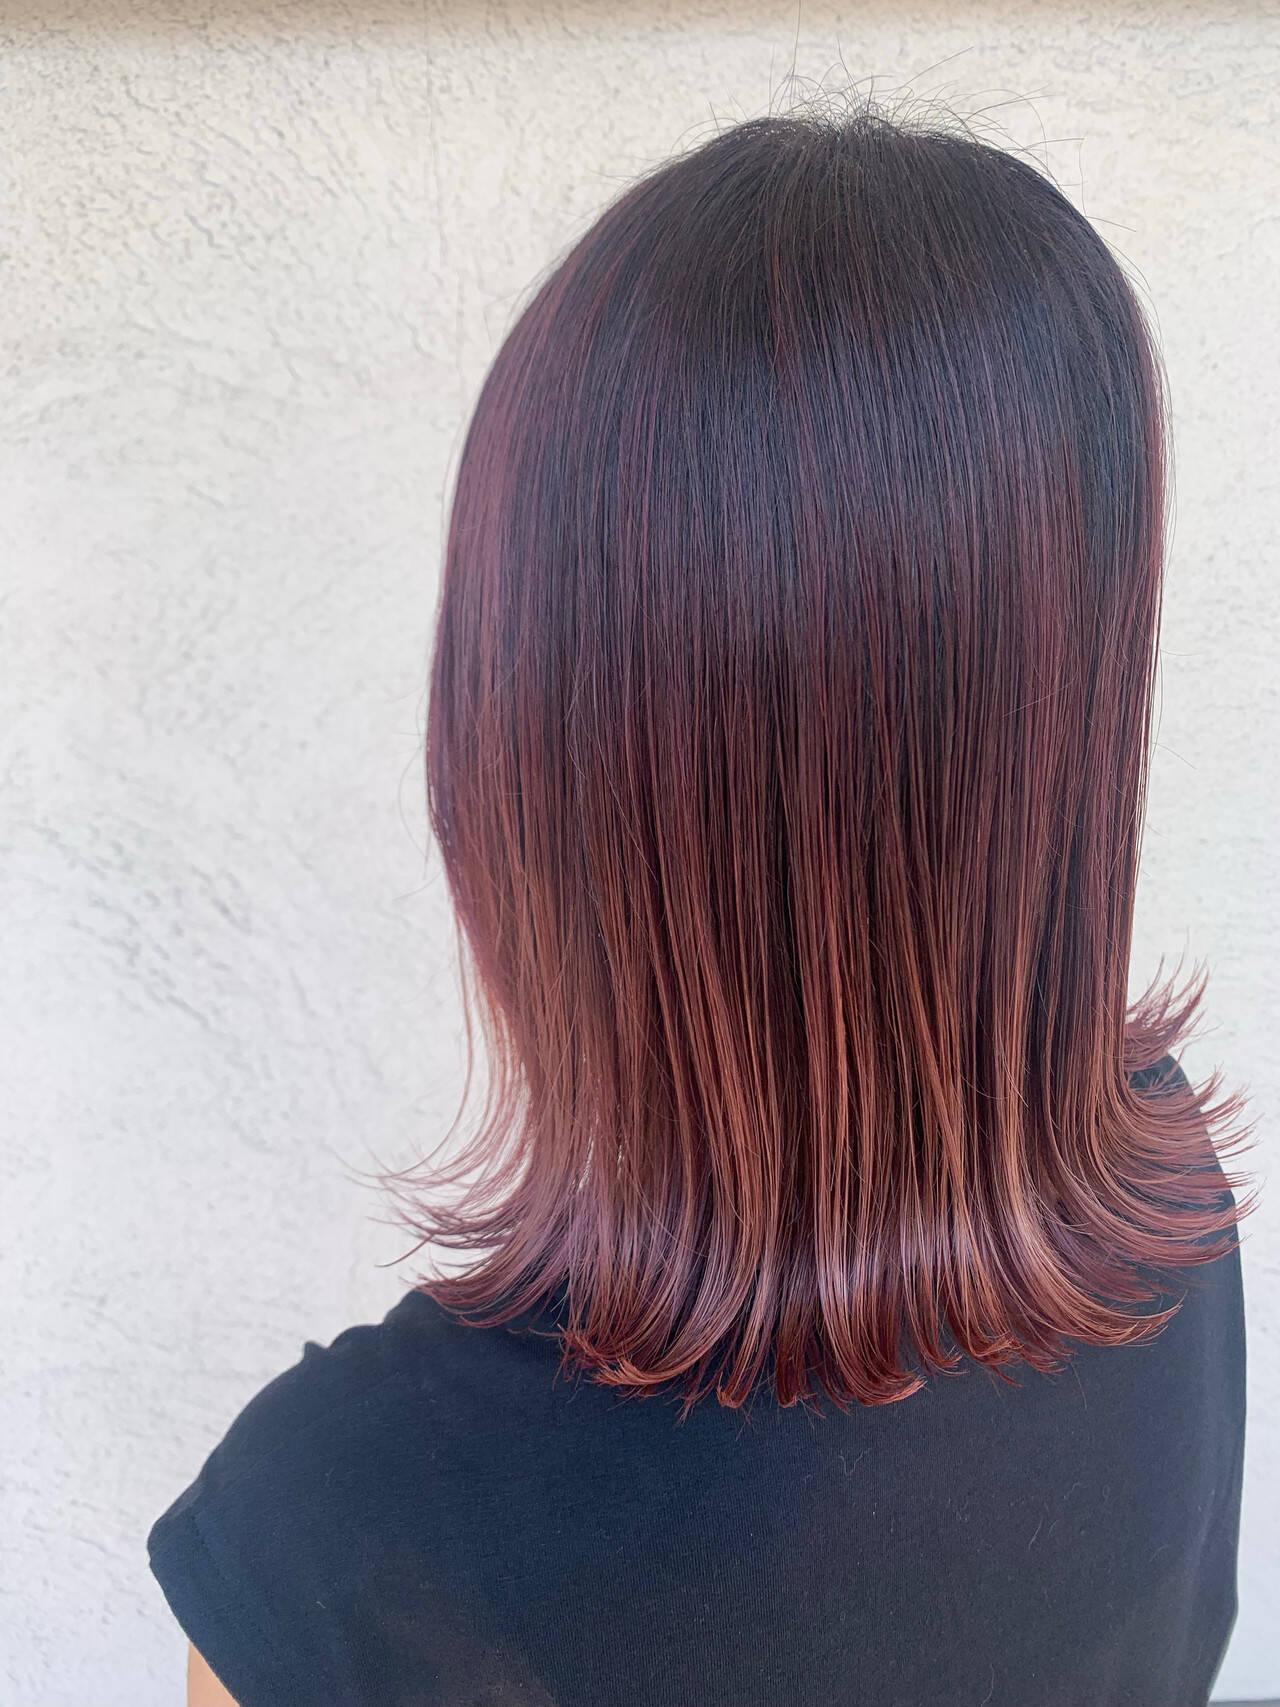 バレイヤージュ ピンク ミディアム モードヘアスタイルや髪型の写真・画像